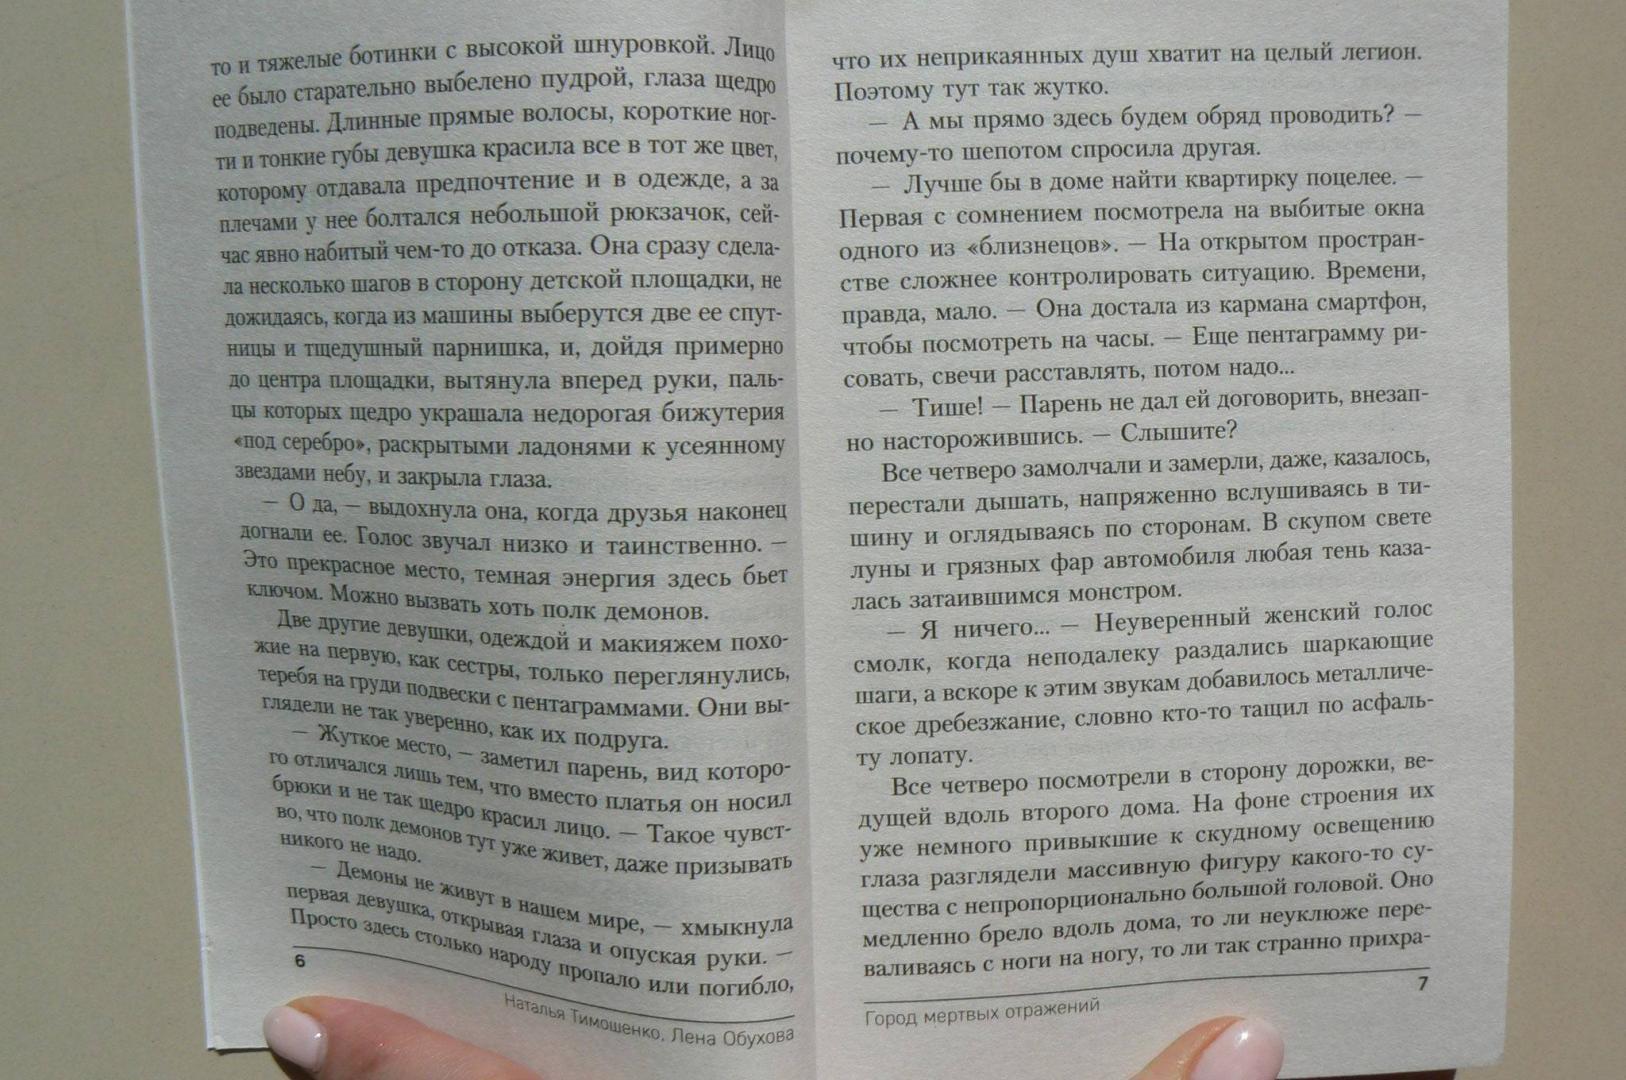 Иллюстрация 4 из 17 для Город мертвых отражений - Тимошенко, Обухова   Лабиринт - книги. Источник: Марина